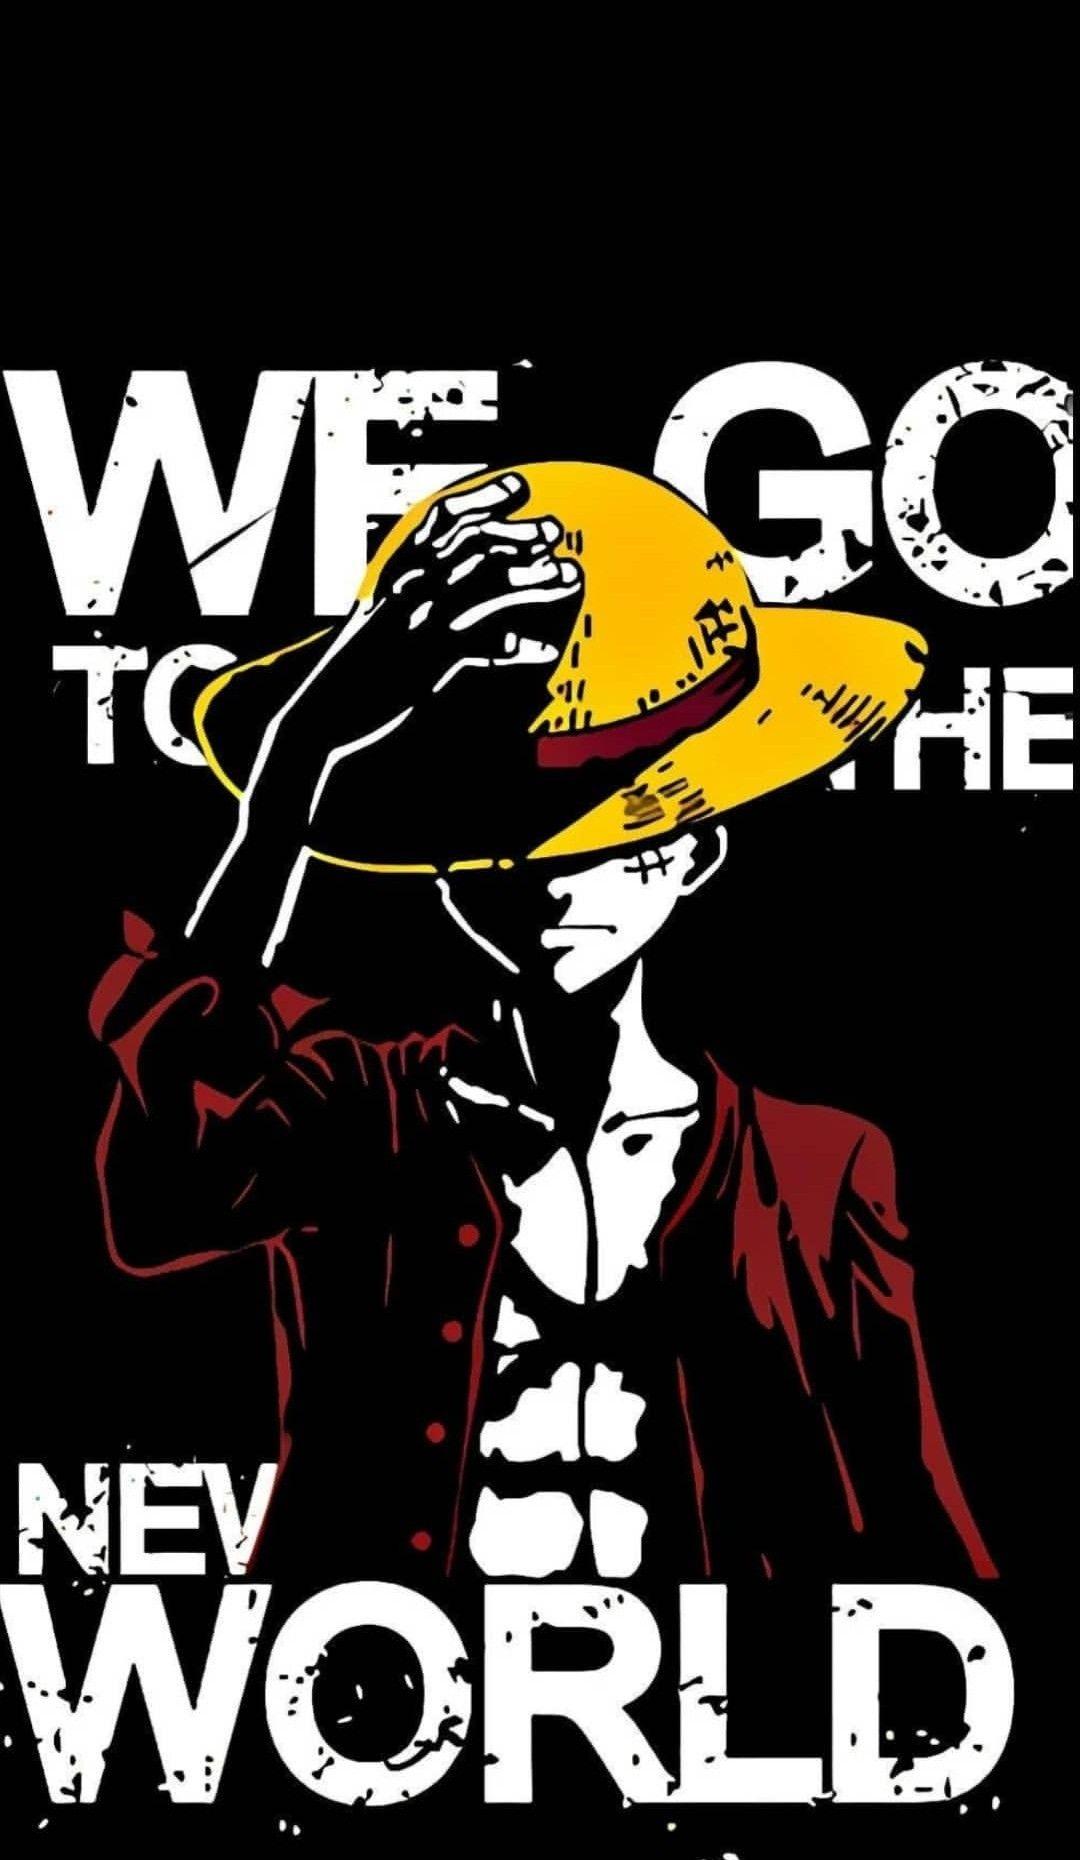 """̘¨ë¼ì¸ì¹´ì§€ë…¸ ̘¨ë¼ì¸ì¹´ì§€ë…¸í›""""기 ̘¨ë¼ì¸ì¹´ì§€ë…¸ë§ˆí‹´ ̘¨ë¼ì¸ì¹´ì§€ë…¸ë¨¹íŠ€ ̘¨ë¼ì¸ì¹´ì§€ë…¸ìˆœìœ"""" ͕´ì™¸ë°°íŒ…사이트 ͕´ì™¸ì¹´ì§€ë…¸ì'¬ì´íŠ¸ ̹´ì§€ë…¸ì'¬ì´íŠ¸ Ë°""""카라사이트 ͕´ì™¸í†í†ì'¬ì´íŠ¸ ̊¤í¬ì¸ë¶ ̹´ì§€ë…¸ ̹´ì§€ë…¸ìŠ¬ë¡¯ Dafanext1 Blogspot Di 2020 Gambar Manga Gambar Anime Lucu"""